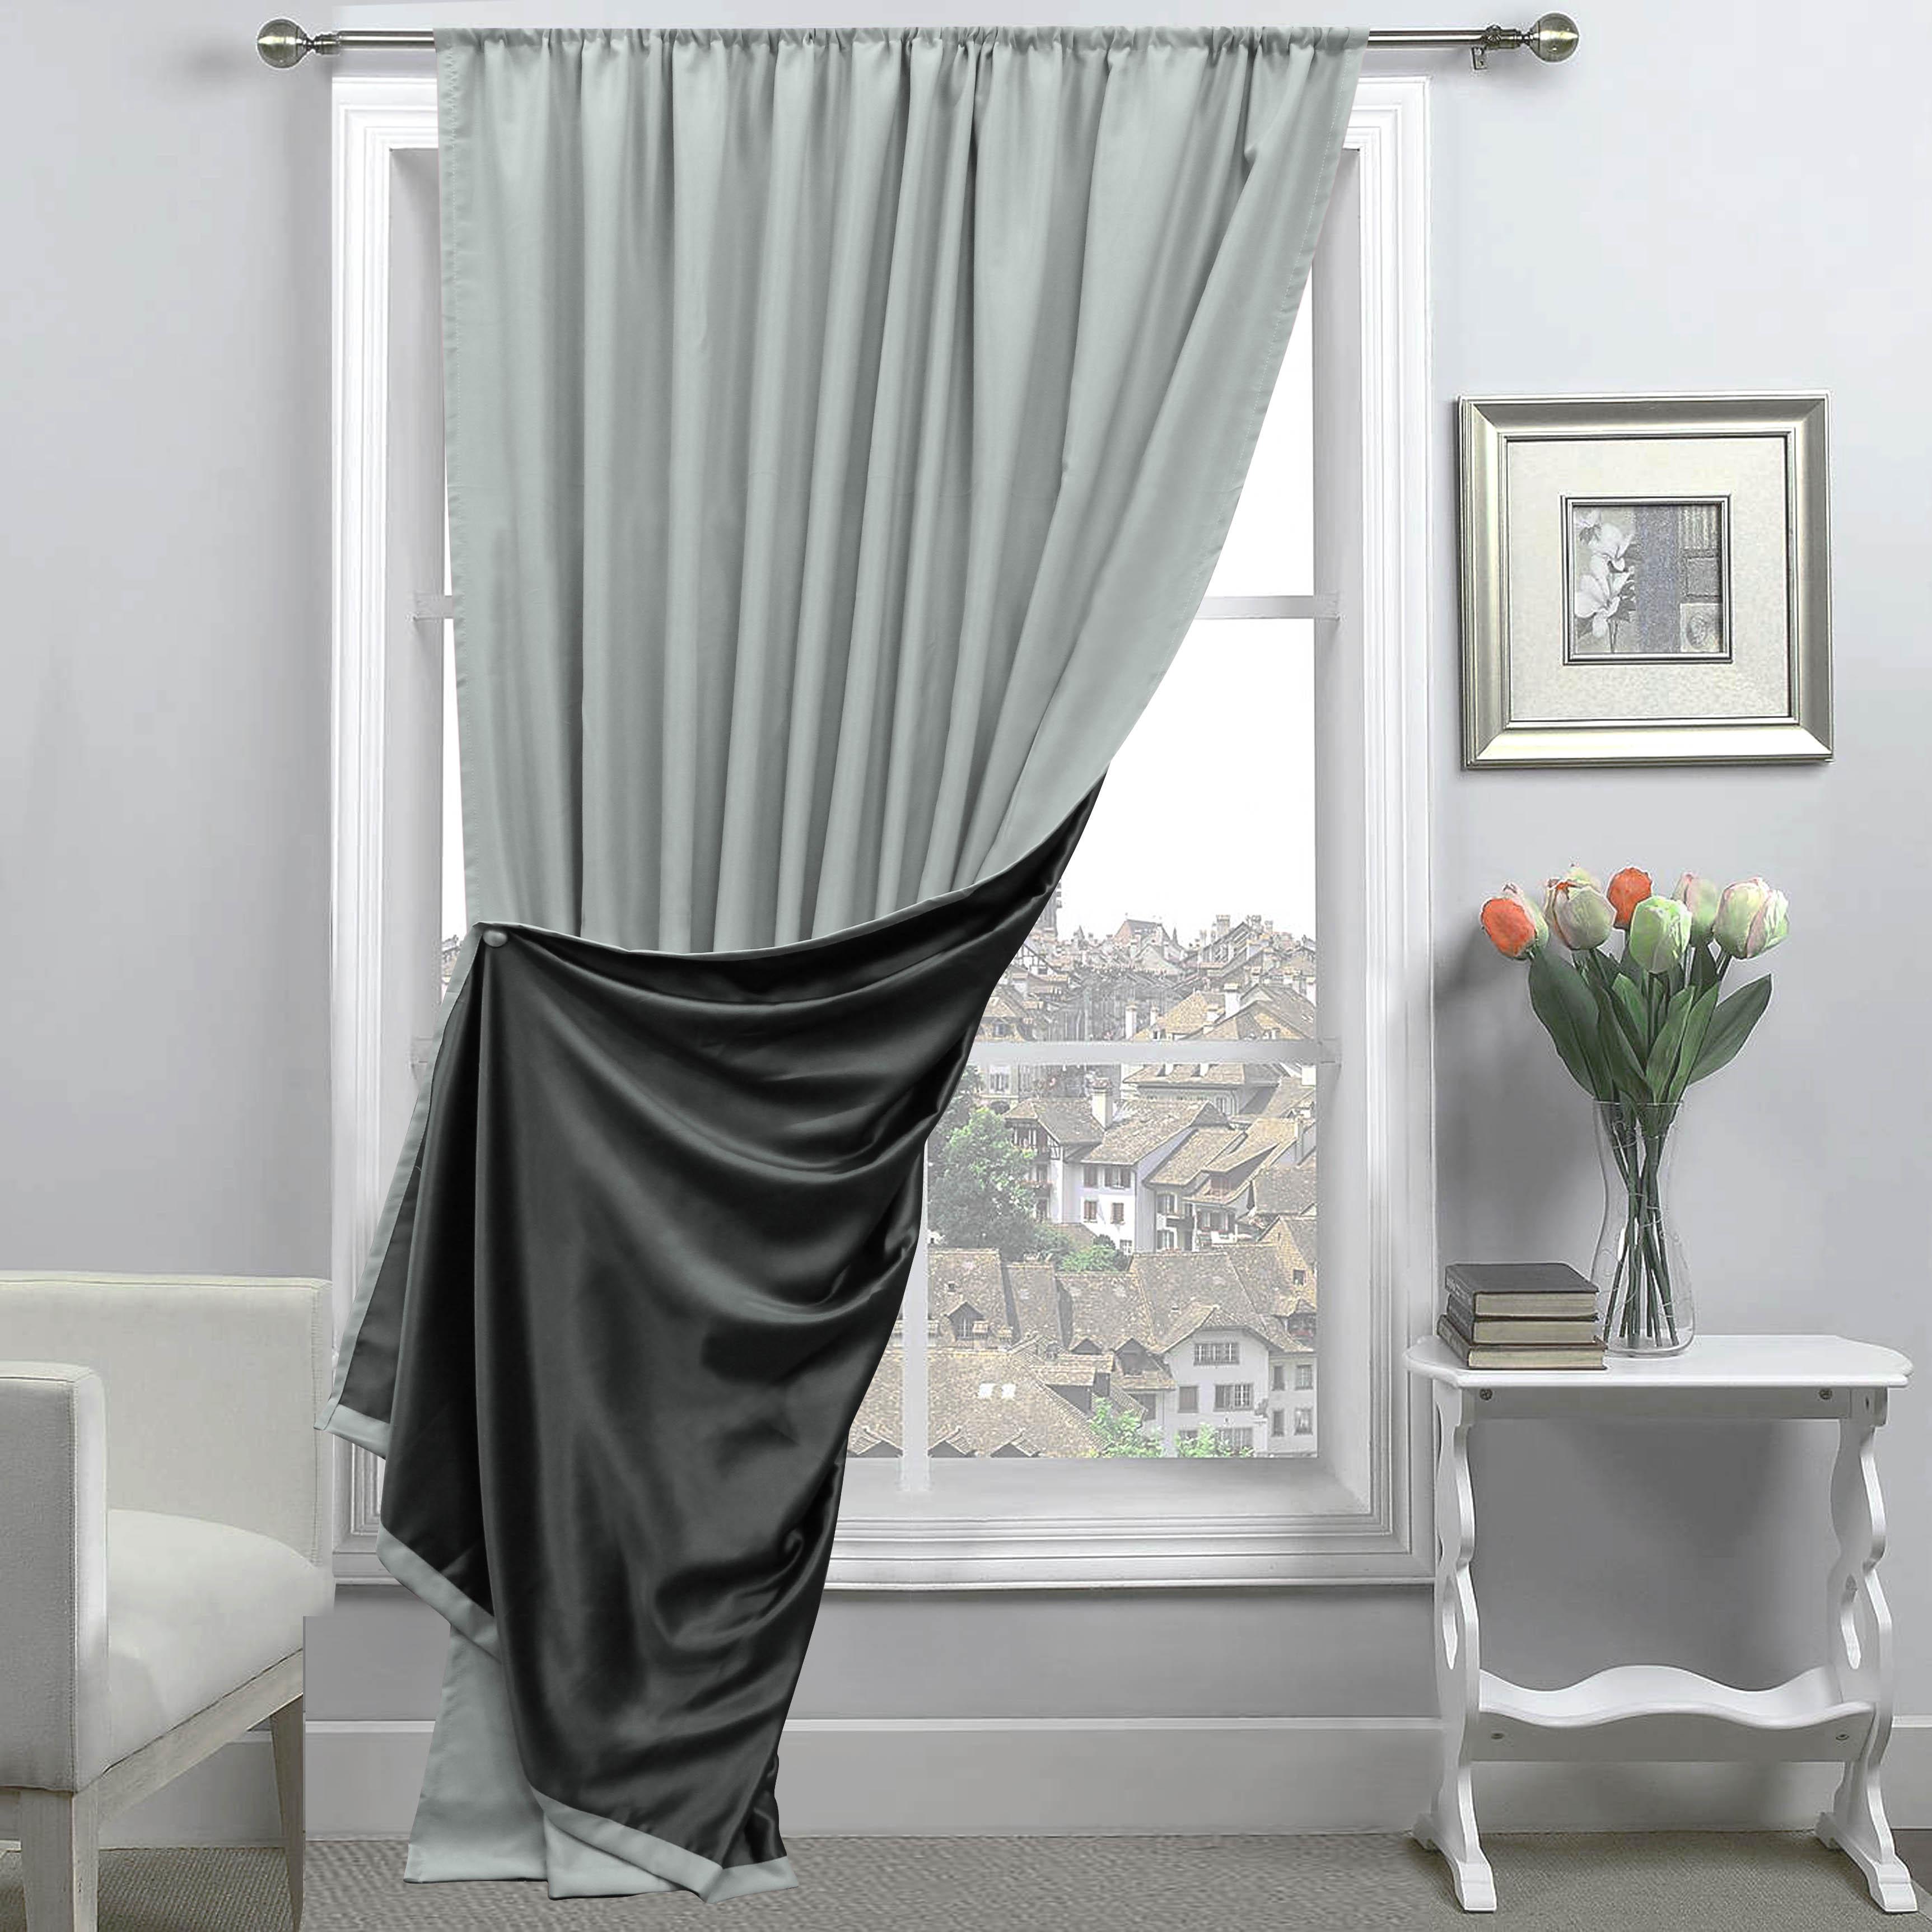 Купить Шторы Amore Mio, Классические шторы Milan Цвет: Серый/Черный, Китай, Blackout